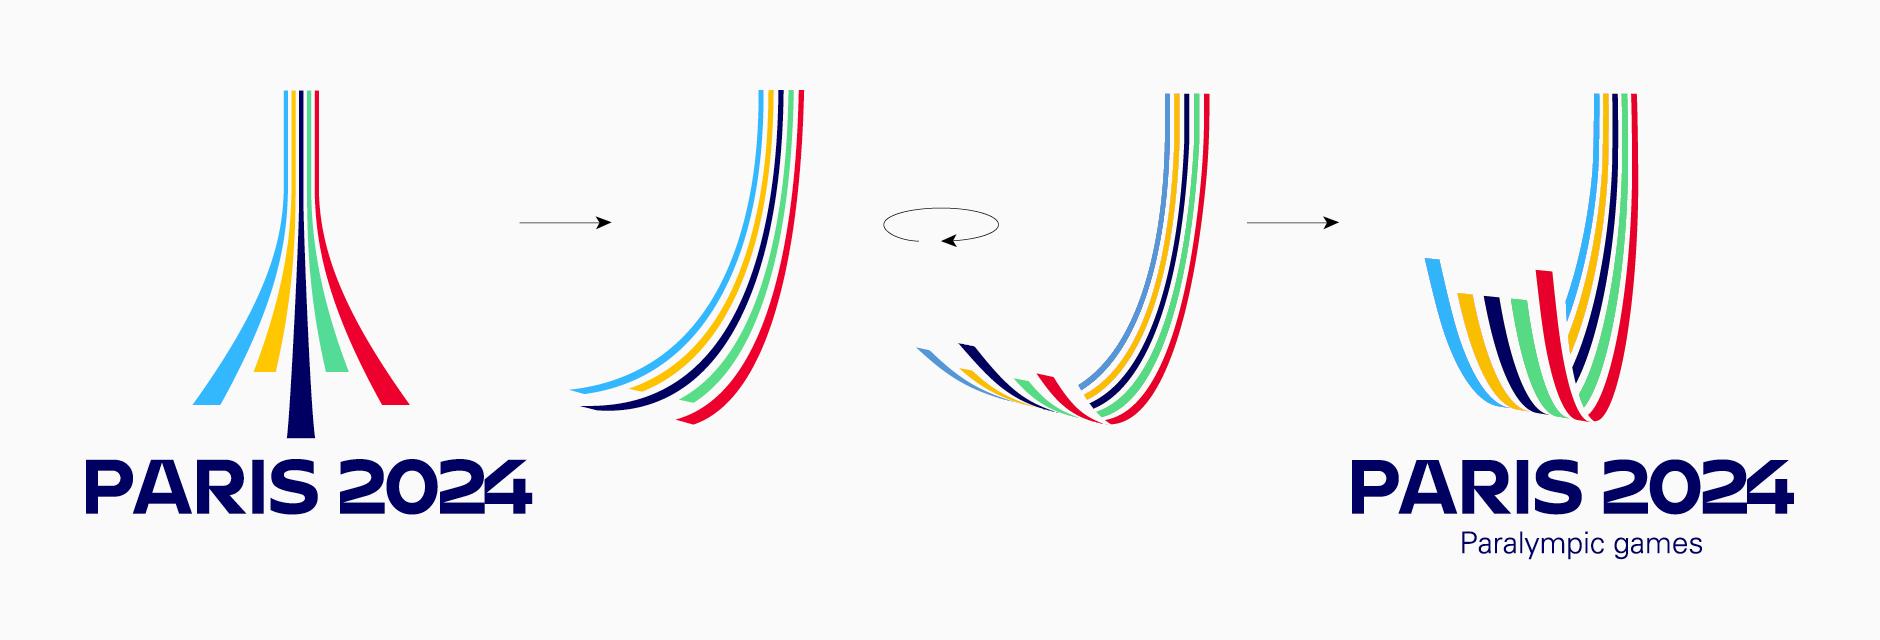 olympique logo concept